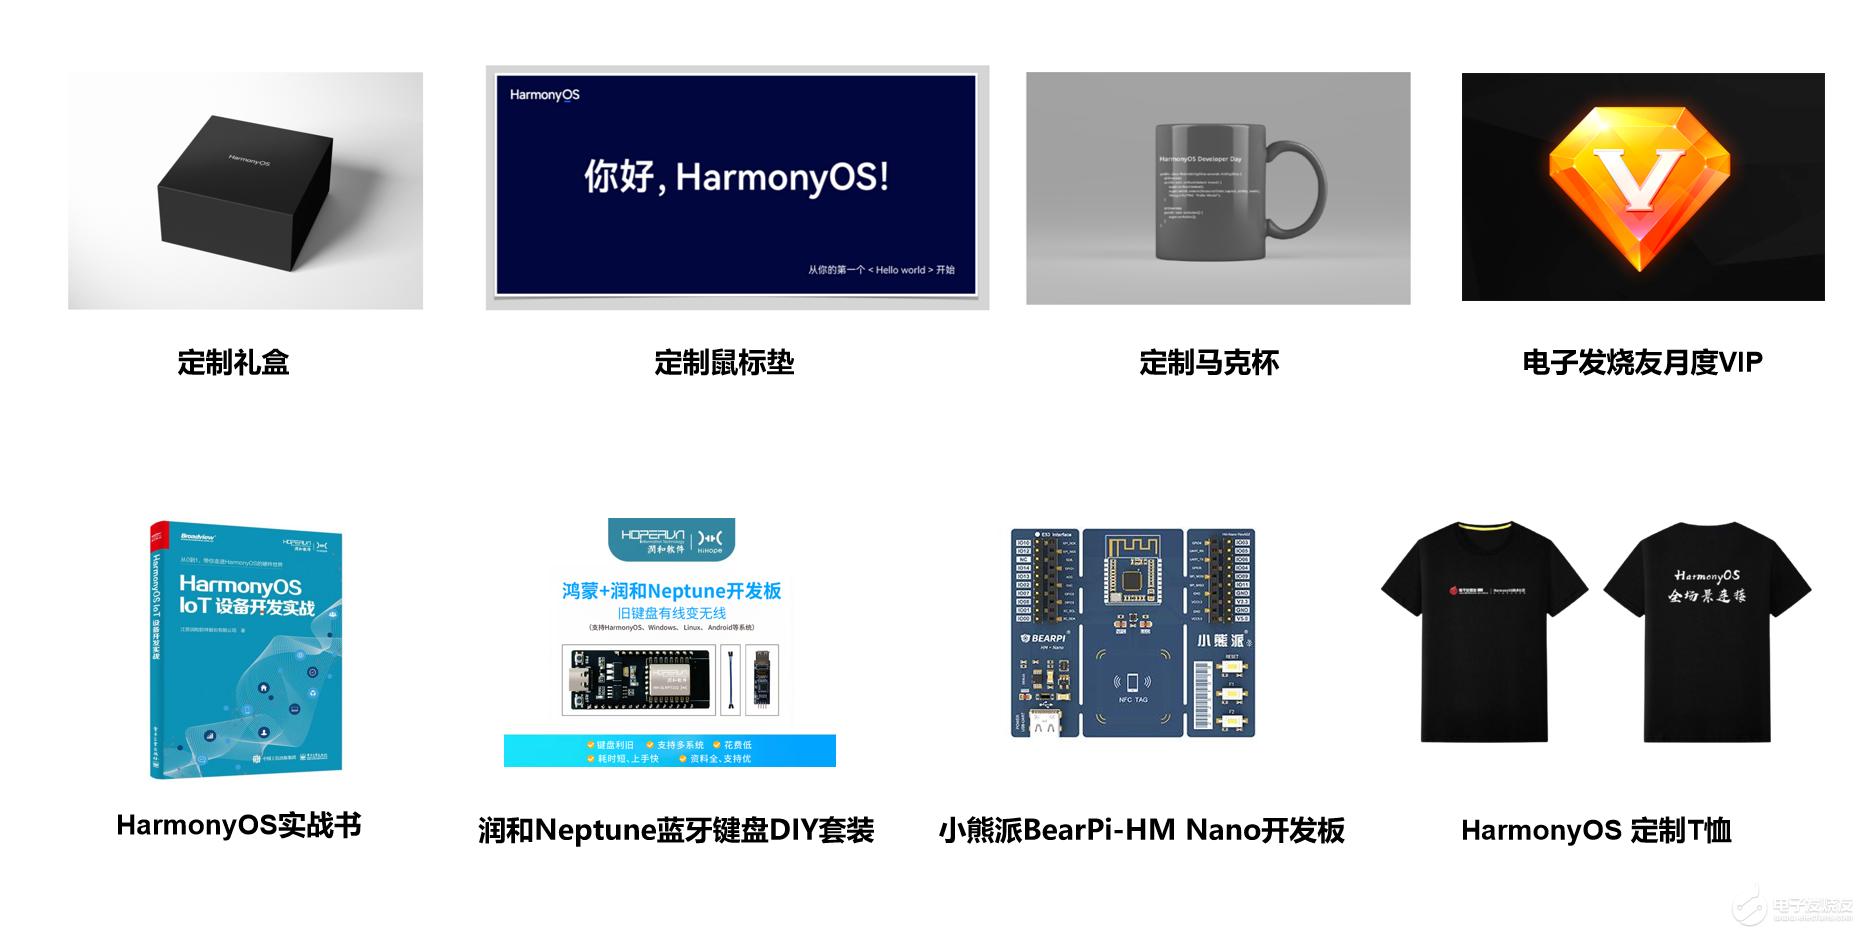 【7月31日】HarmonyOS职业认证是什么?来直播间了解下,顺便抽个奖吧~